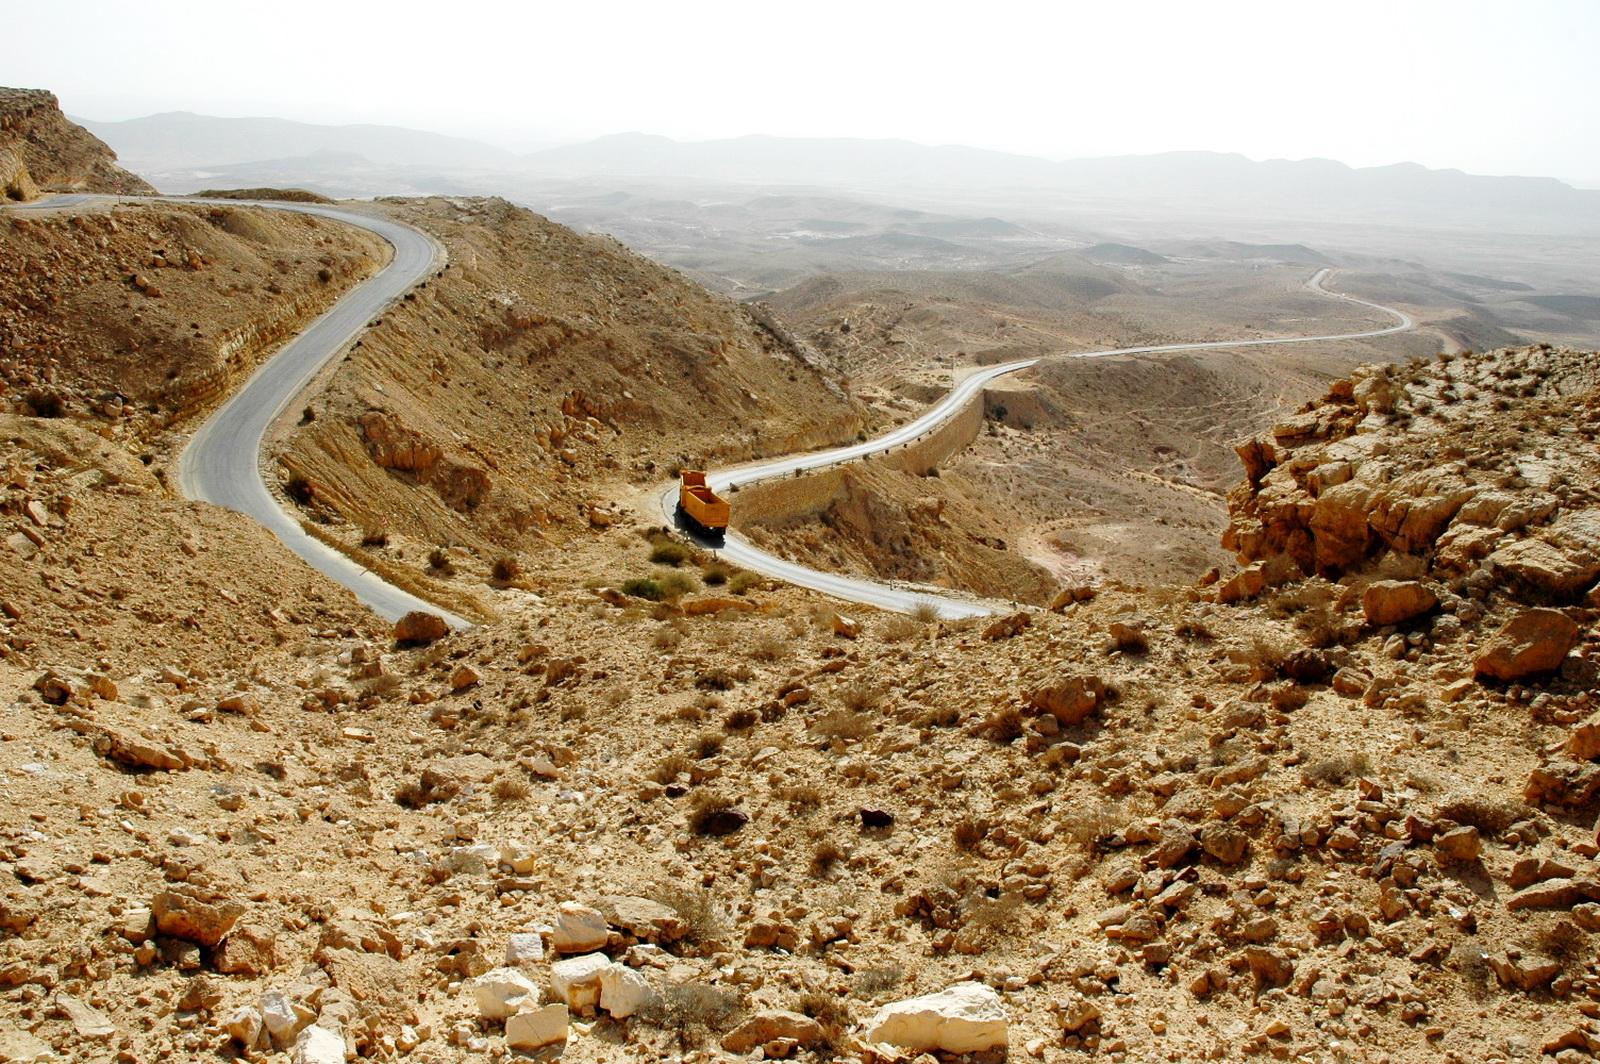 המכתש הגדול - הכביש היורד אליו